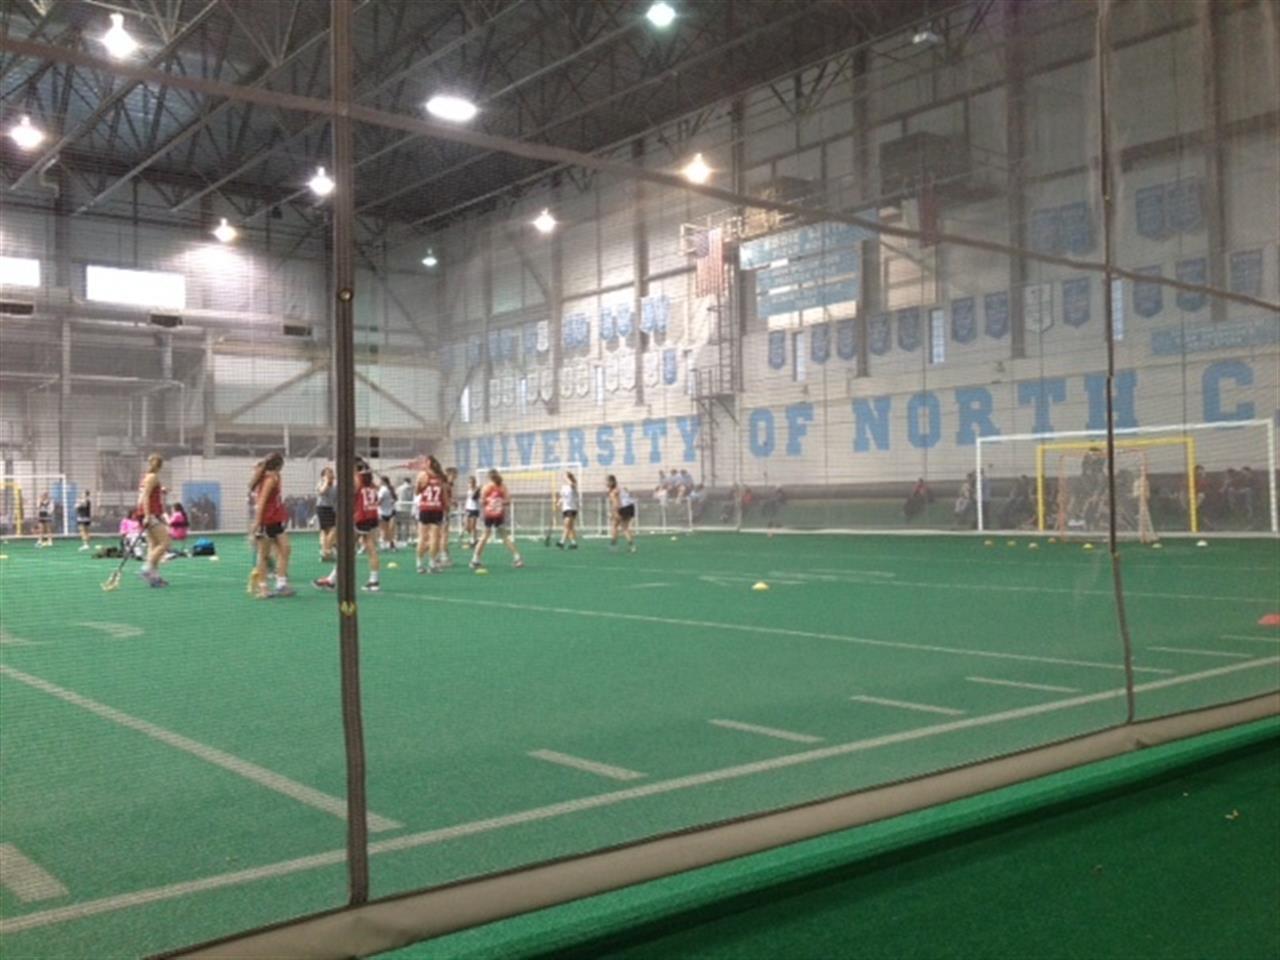 Indoor arena at UNC